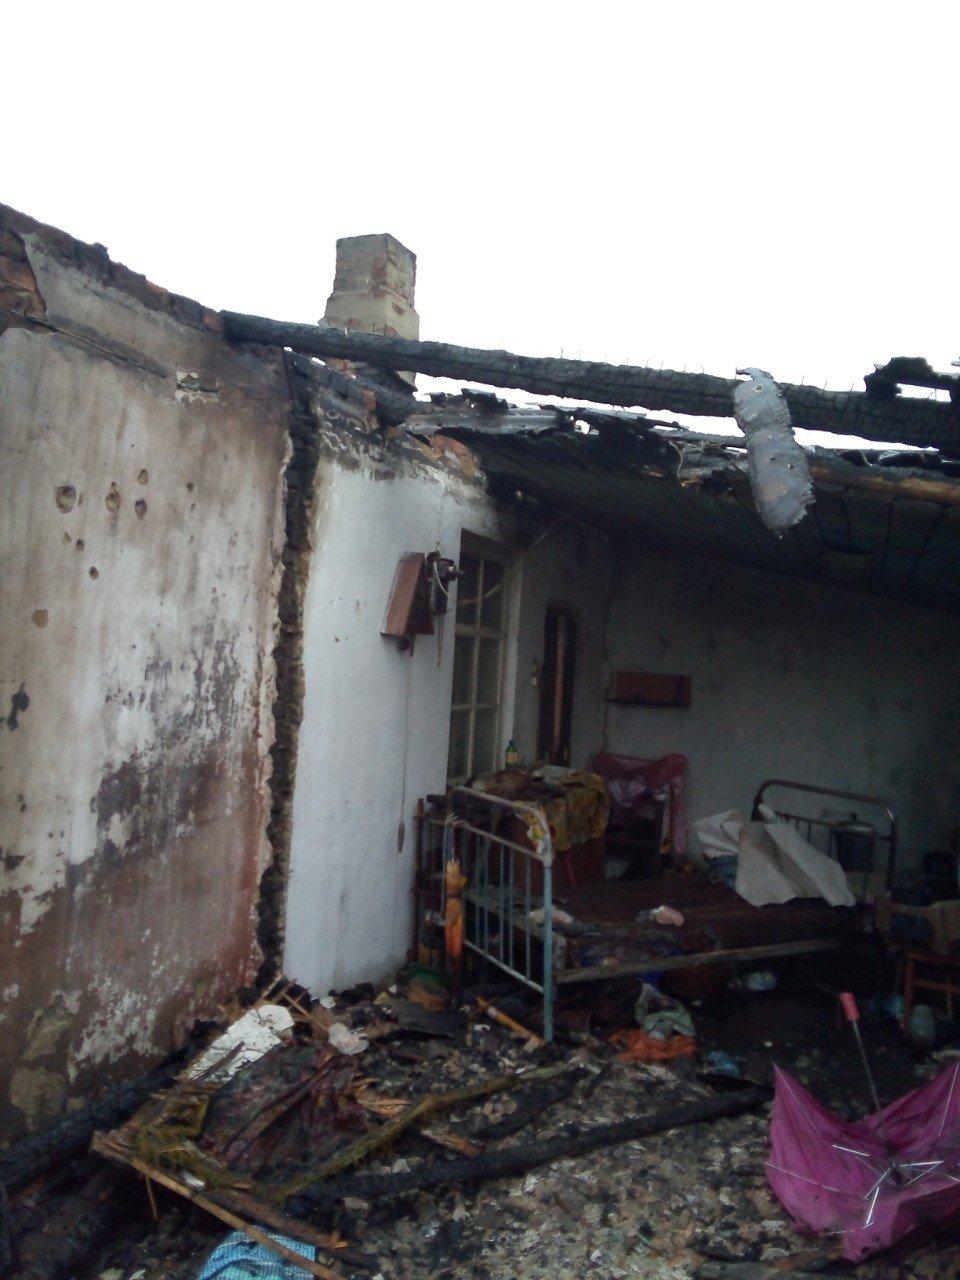 На Харьковщине спасатели несколько часов тушили загоревшийся частный дом, - ФОТО, фото-2